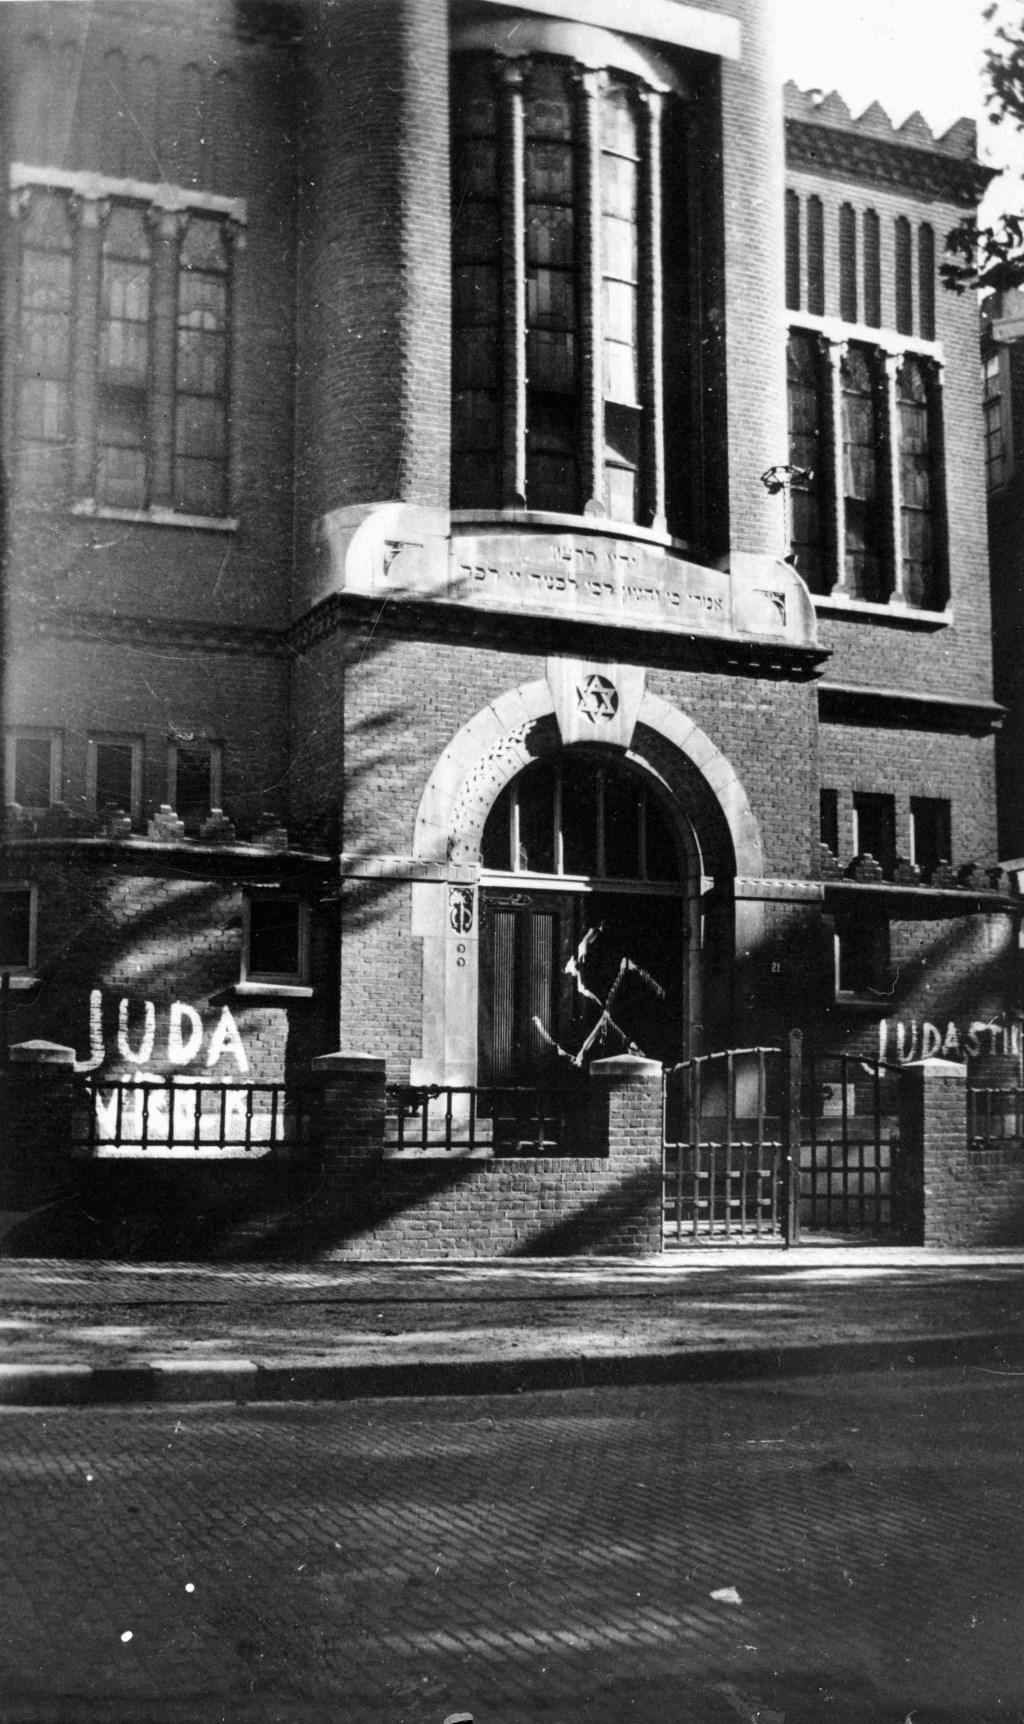 De Joodse synagoge aan de Gerard Noodtstraat werd in 1941 beklad met antisemitische leuzen en een hakenkruis. Fotocollectie Regionaal Archief Nijmegen © DPG Media